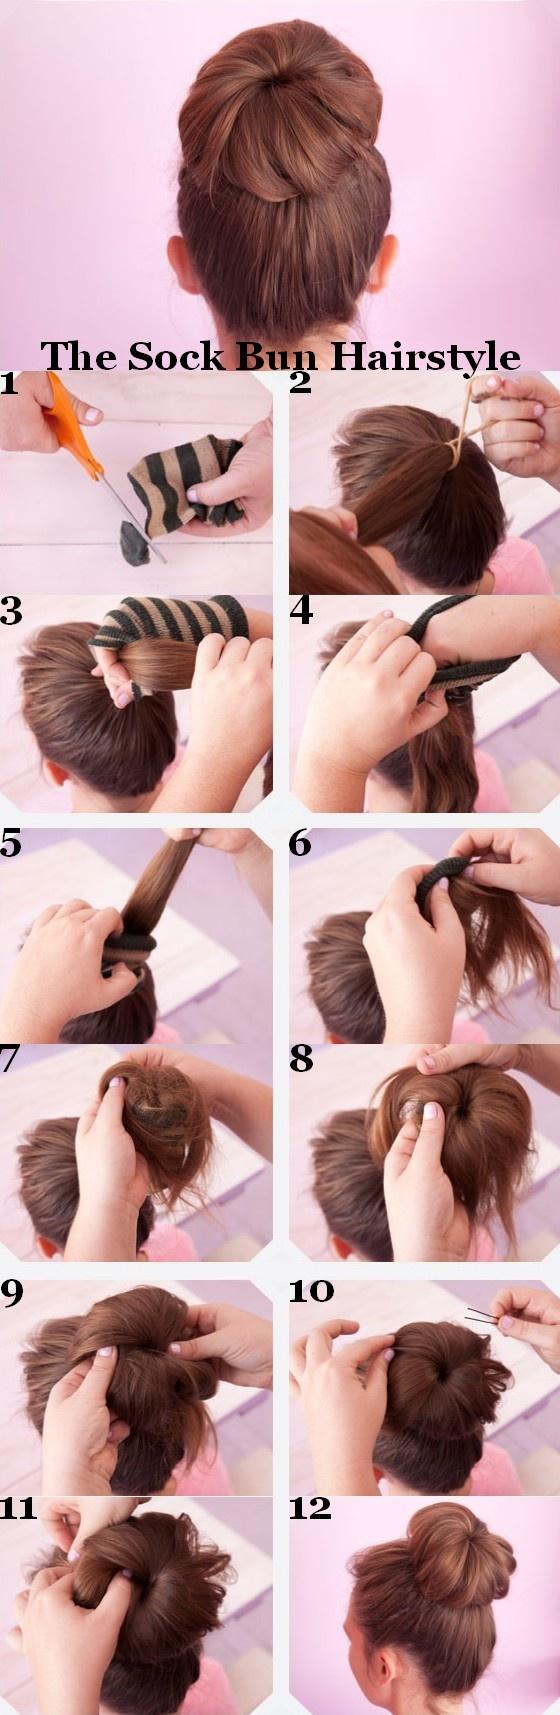 Прическа цветок из волос пошаговая инструкция